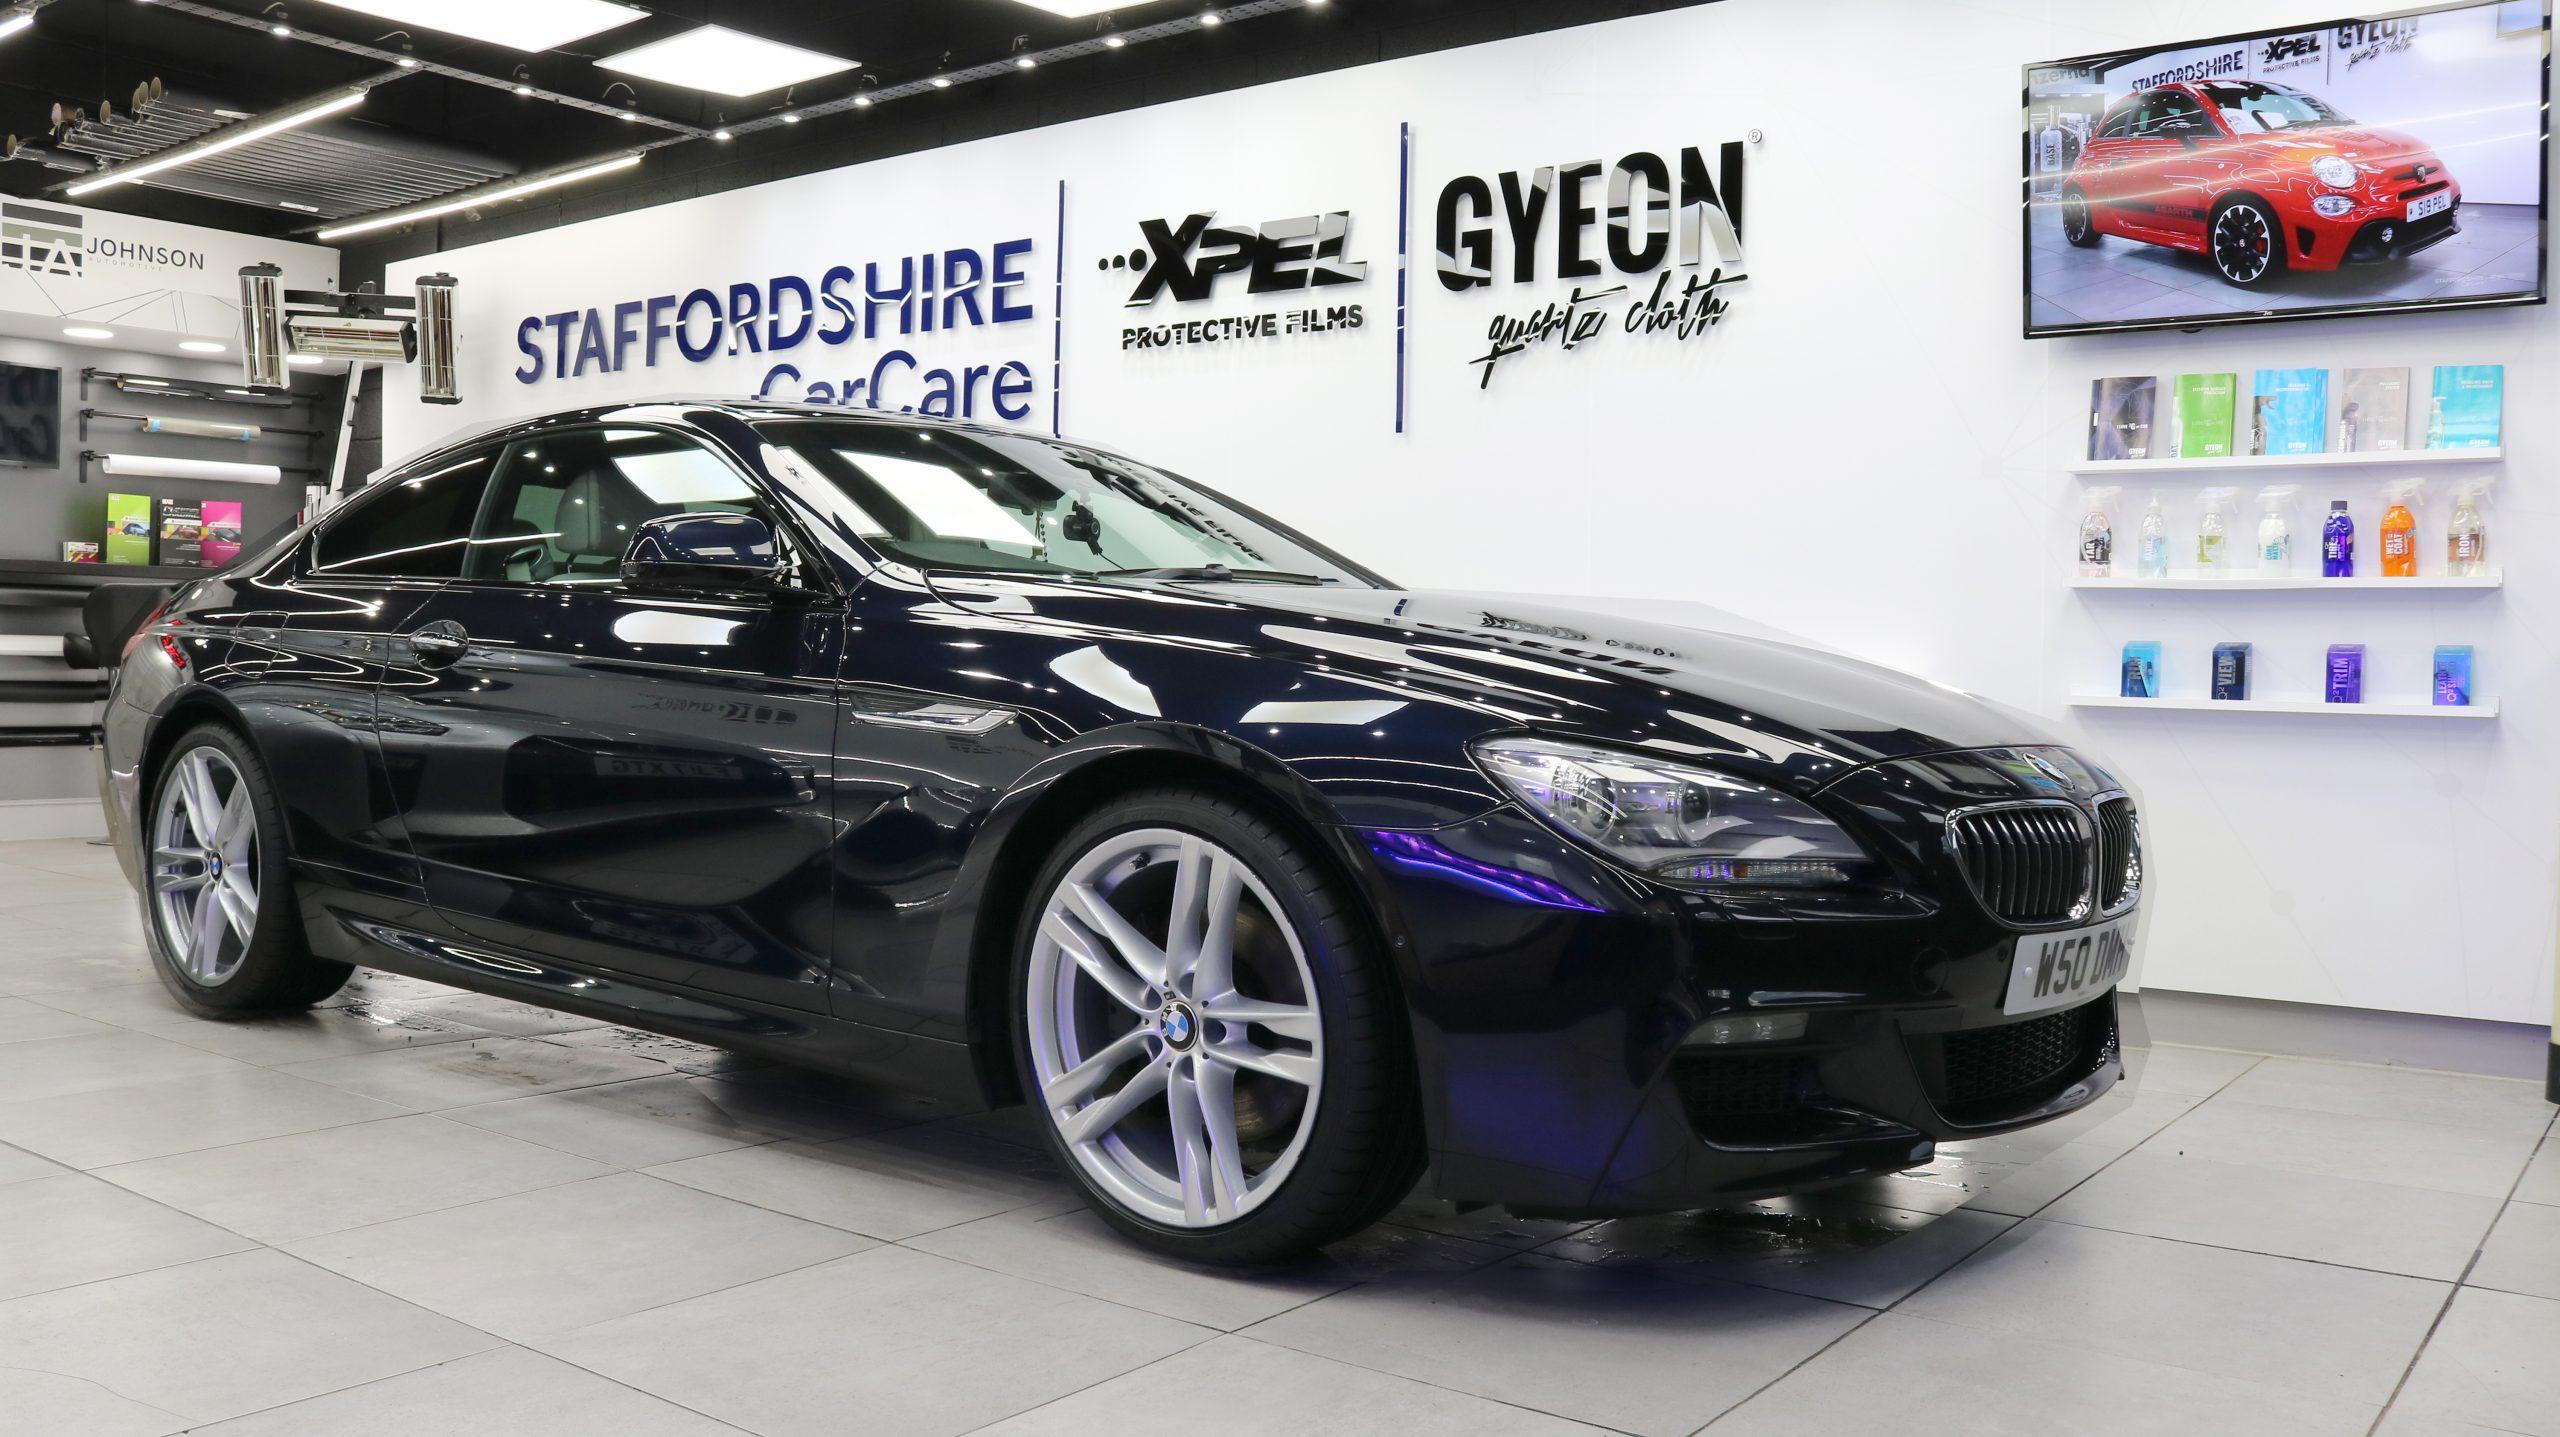 Wash - GYEON - Staffordshire car care